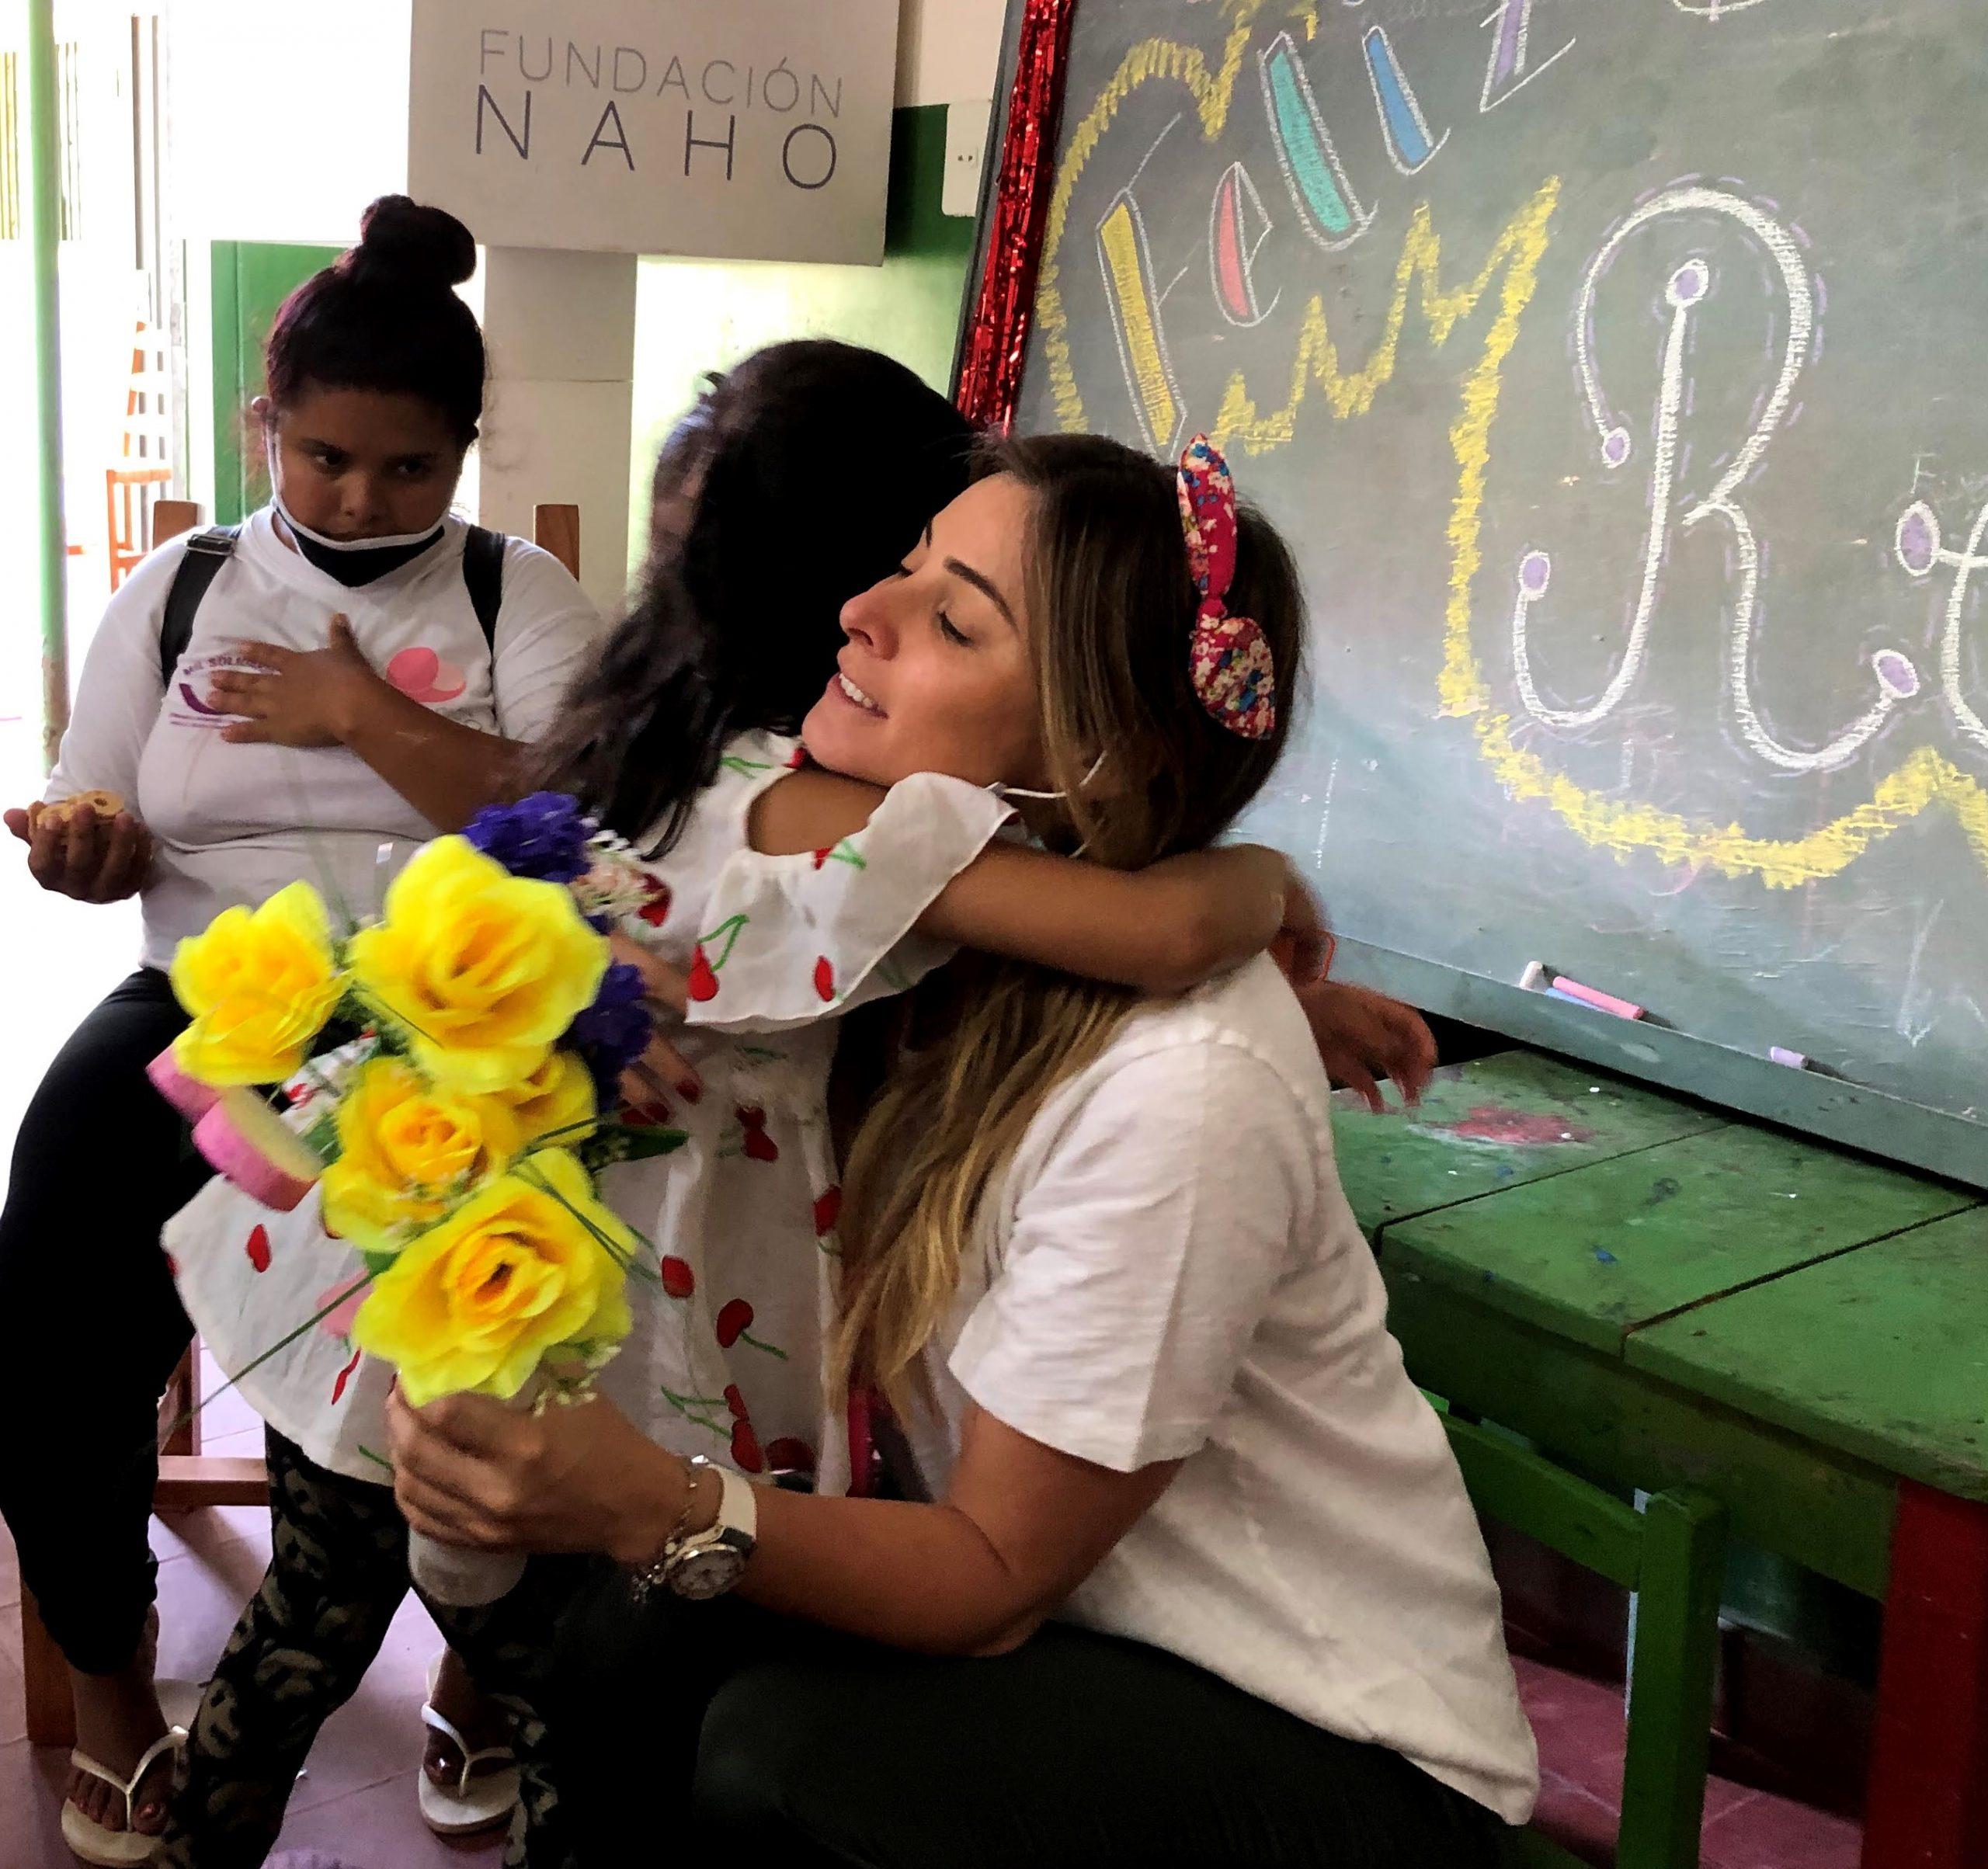 Rebeca Mendoza dice que aprende día a día en su labor con la Fundación Naho. Foto: Gentileza.